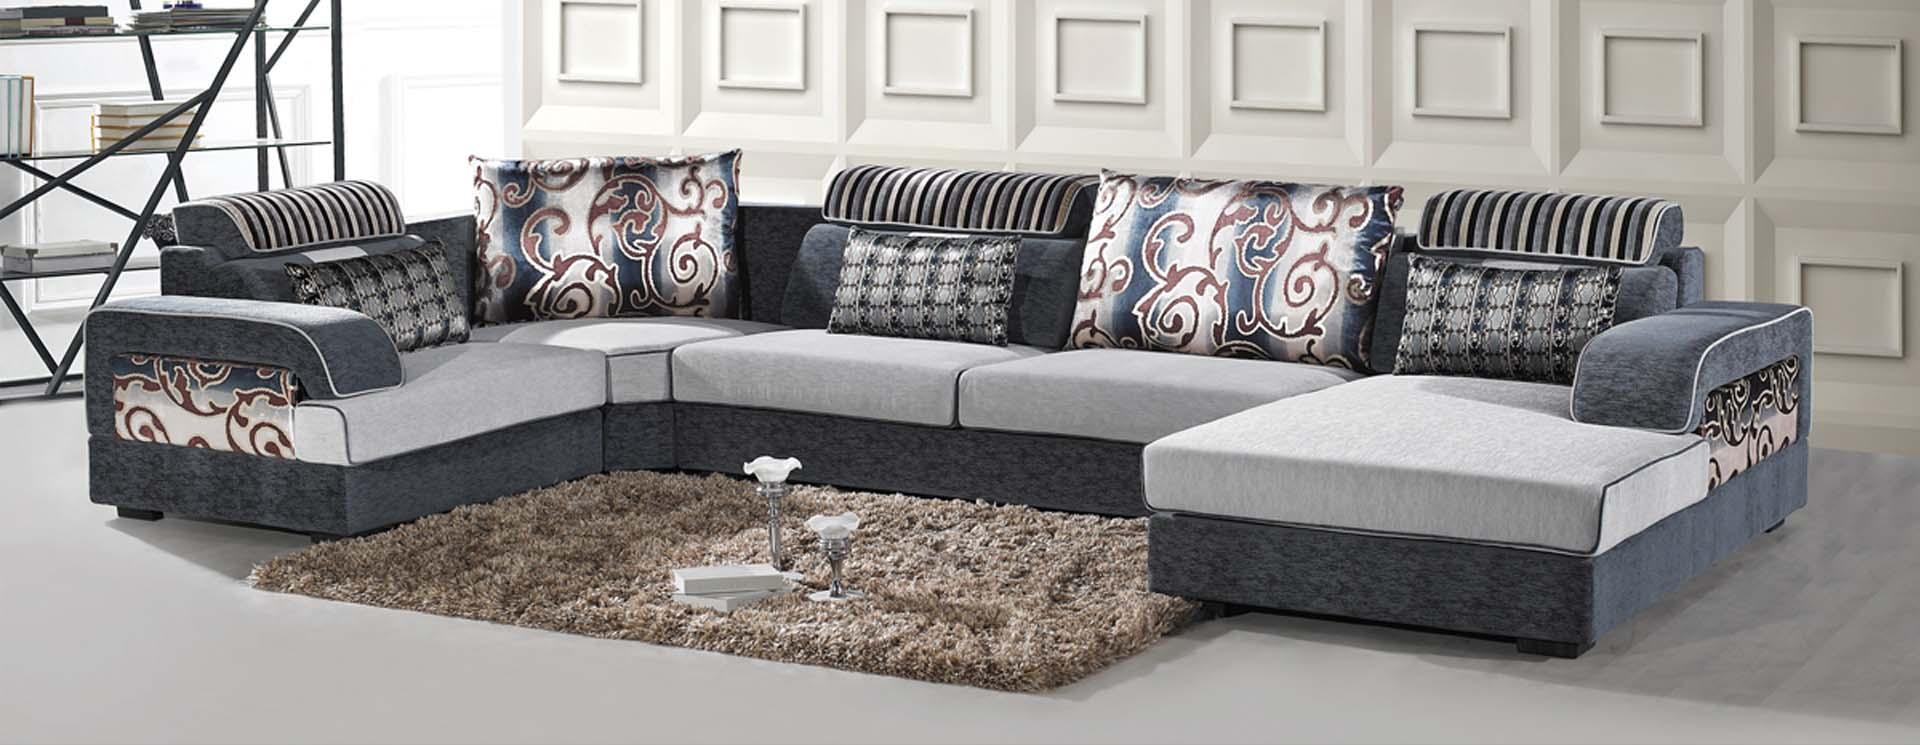 名称:沙发E-656A#<br/> 市场价:<font style='color:#999;text-decoration:line-through;'>¥0</font><br />全国统一零售价:<font color='Red'>¥0.0</font>